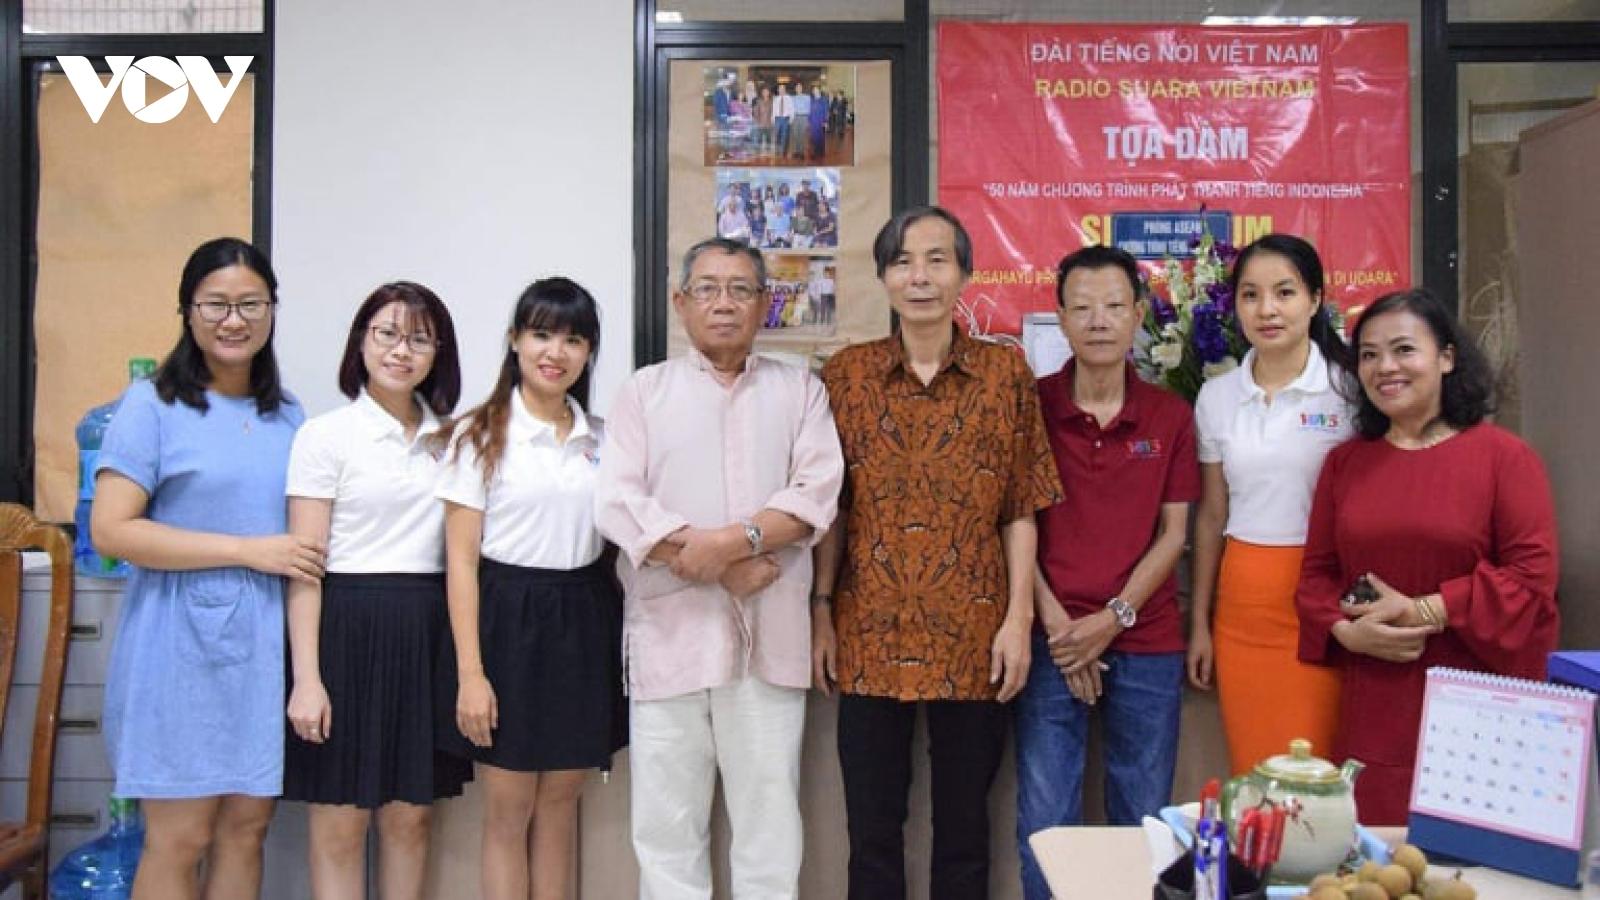 55 năm VOV phát thanh tiếng Indonesia với sự đồng hành của thính giả quốc gia vạn đảo